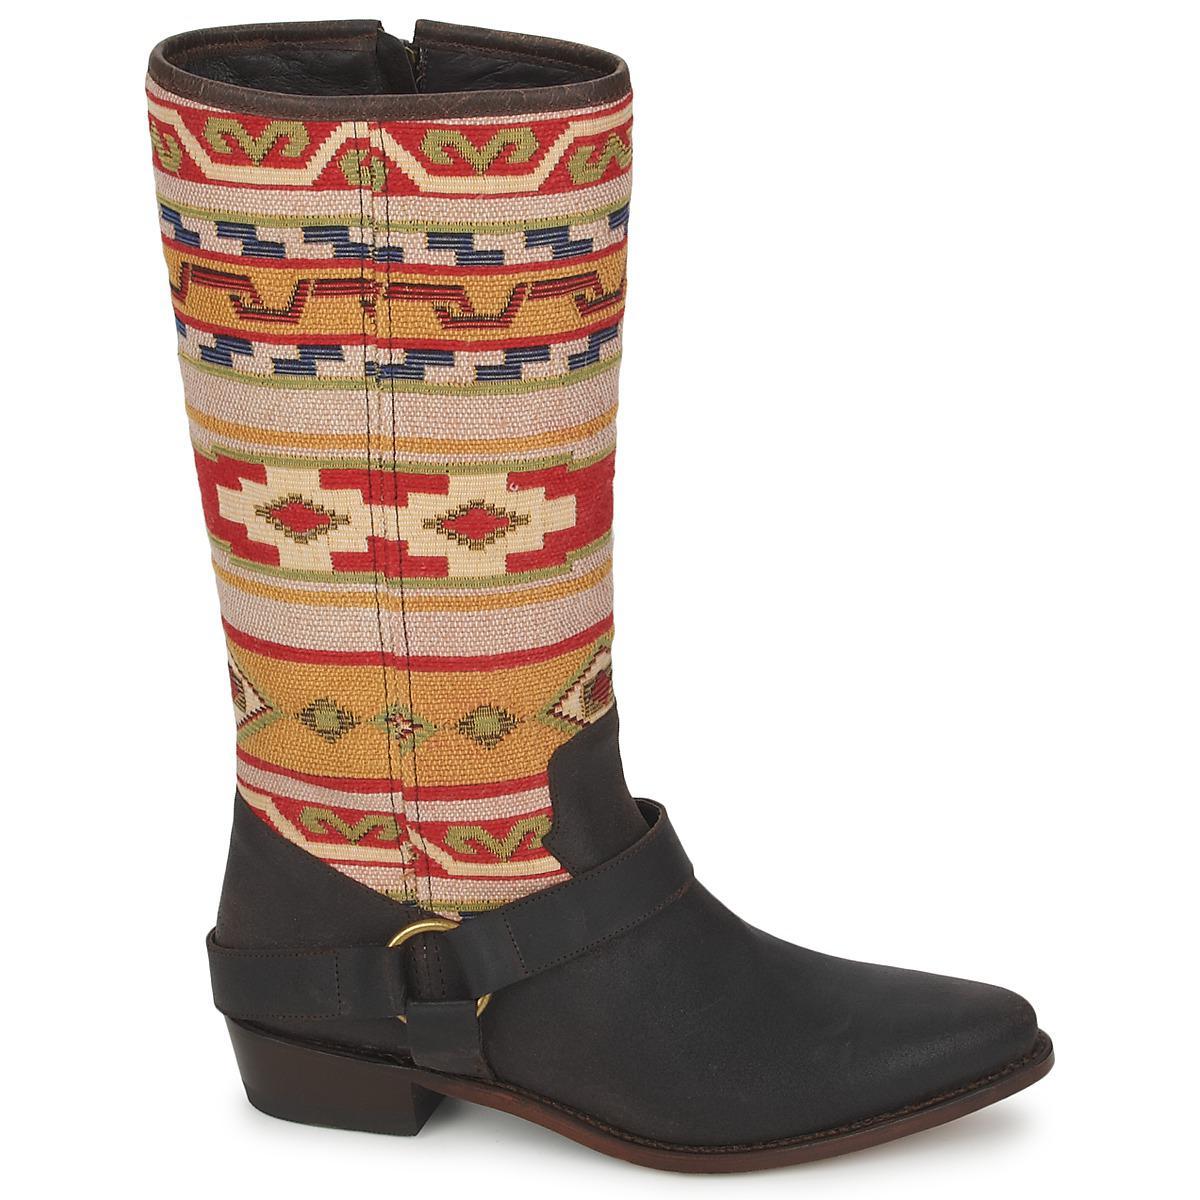 Sancho Boots CROSTA TIBUR GAVA women's High Boots in Buy Online Get Online Classic For Sale 85PlERi3